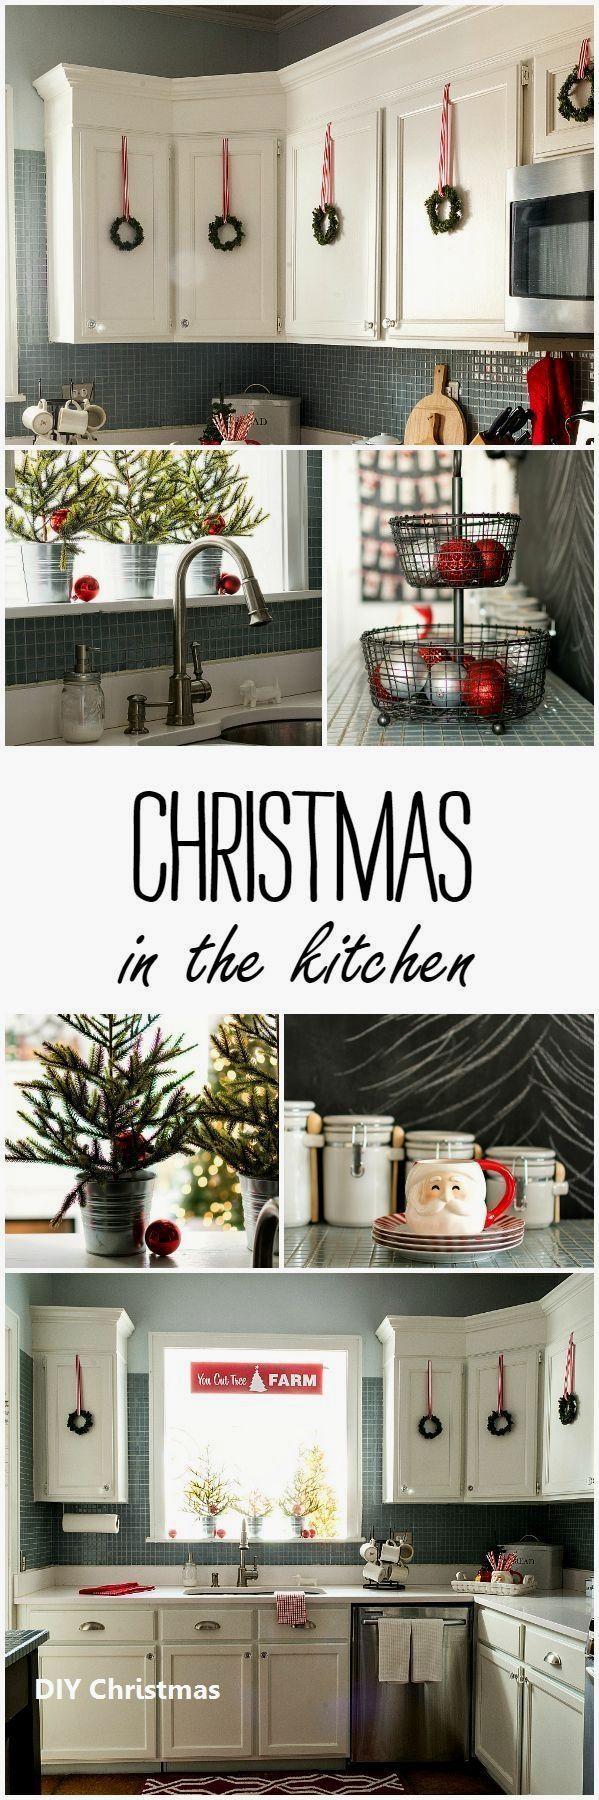 New DIY Christmas Ideas #weihnachtsdeko2019trend DIY Christmas 2020 Trends #christmasdiy #weihnachtsdeko2019trend New DIY Christmas Ideas #weihnachtsdeko2019trend DIY Christmas 2020 Trends #christmasdiy #weihnachtsdeko2019trend